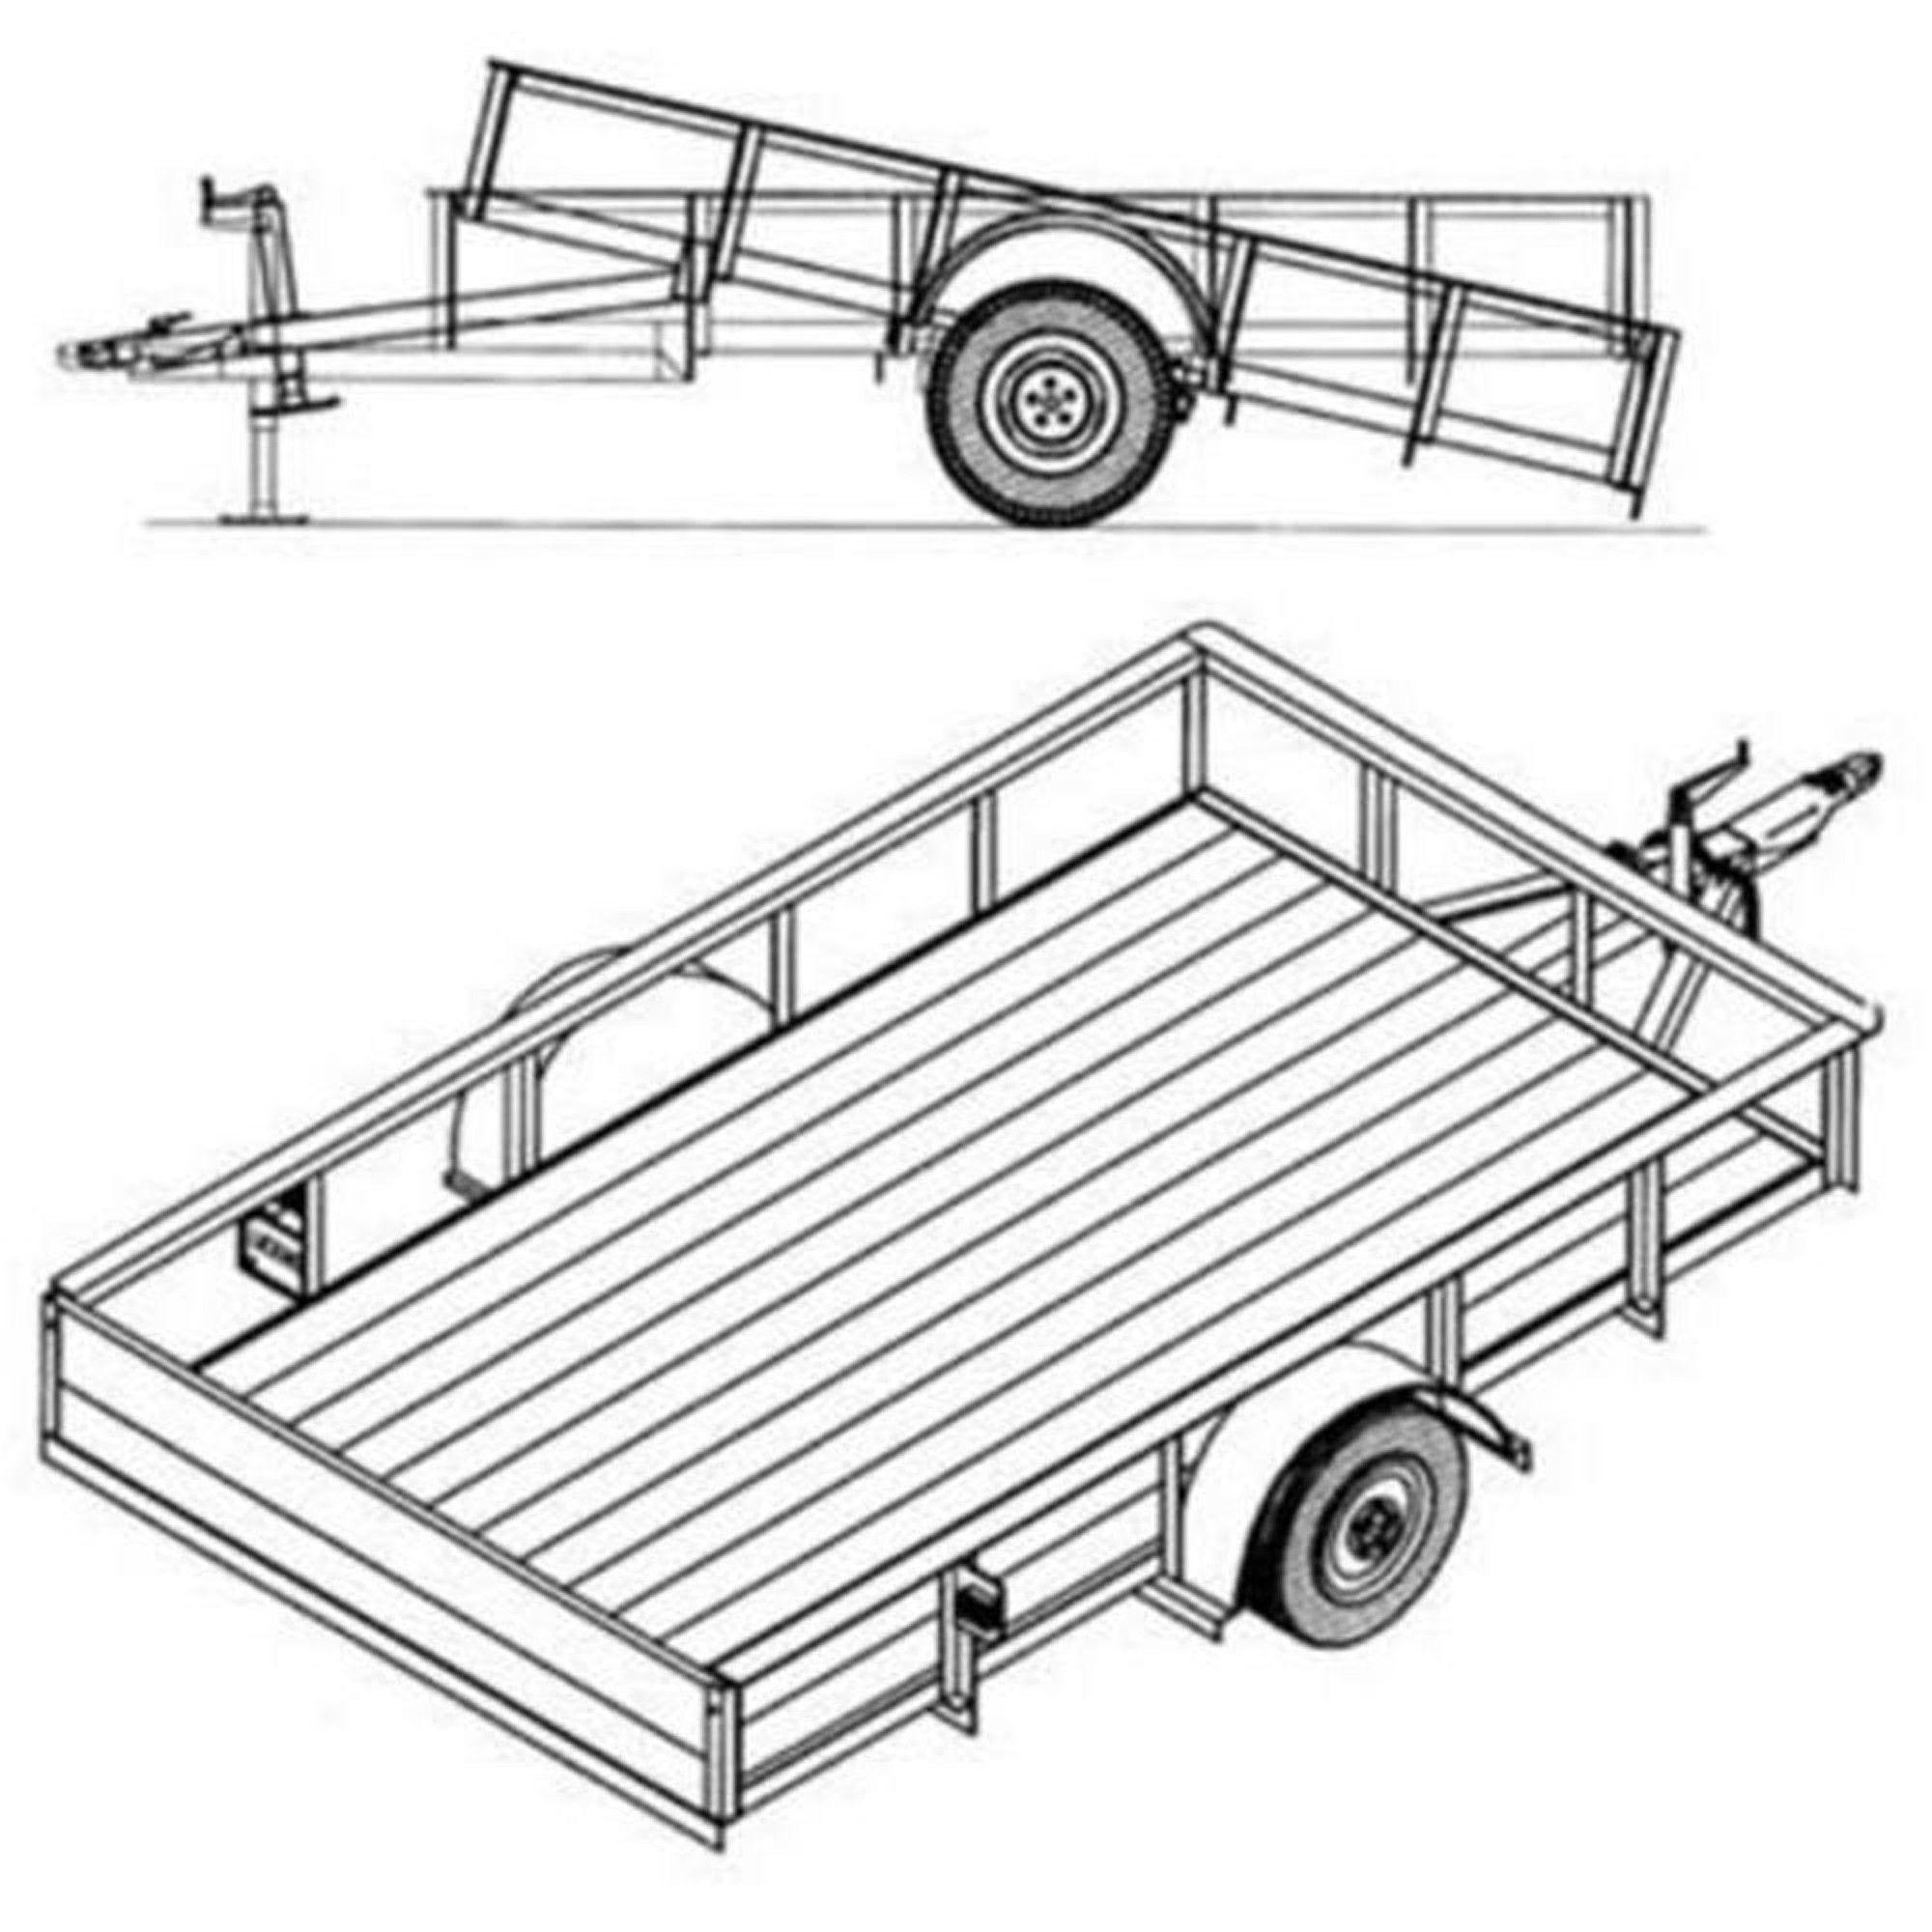 6 4 X 10 Utility Tilt Trailer Plans 3 500 Lb Capacity Model T